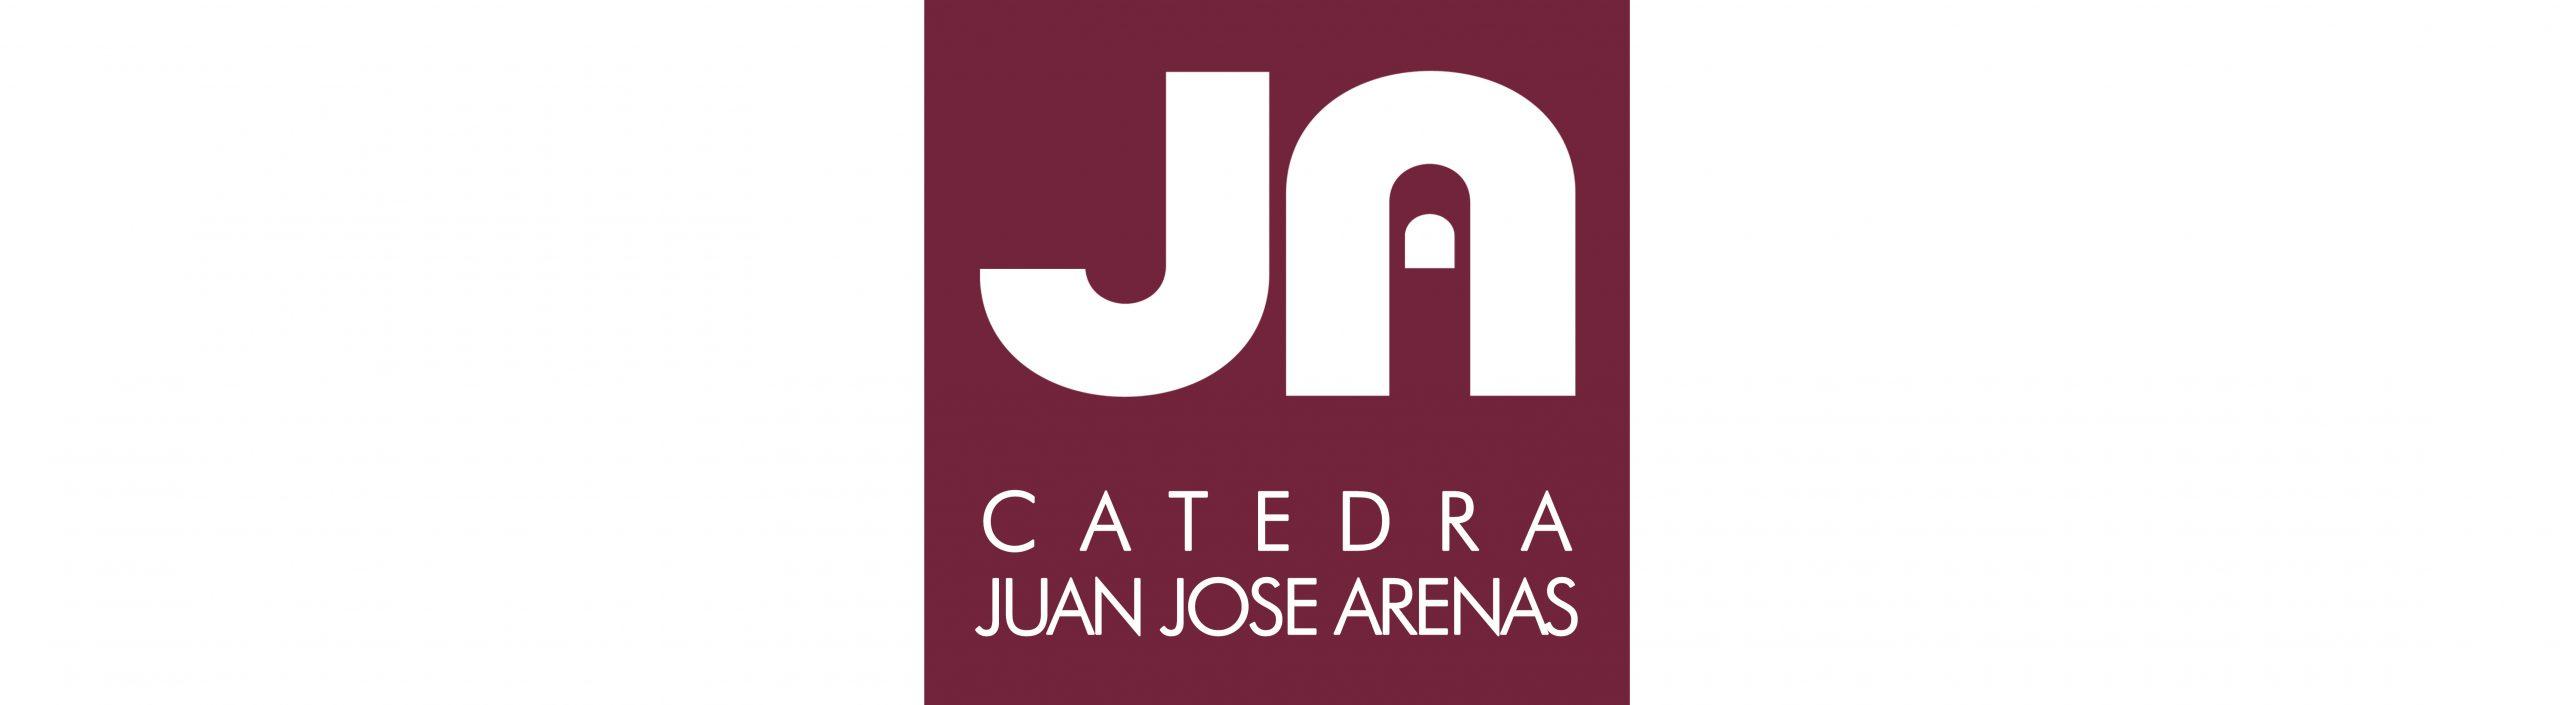 Cátedra Juan José Arenas